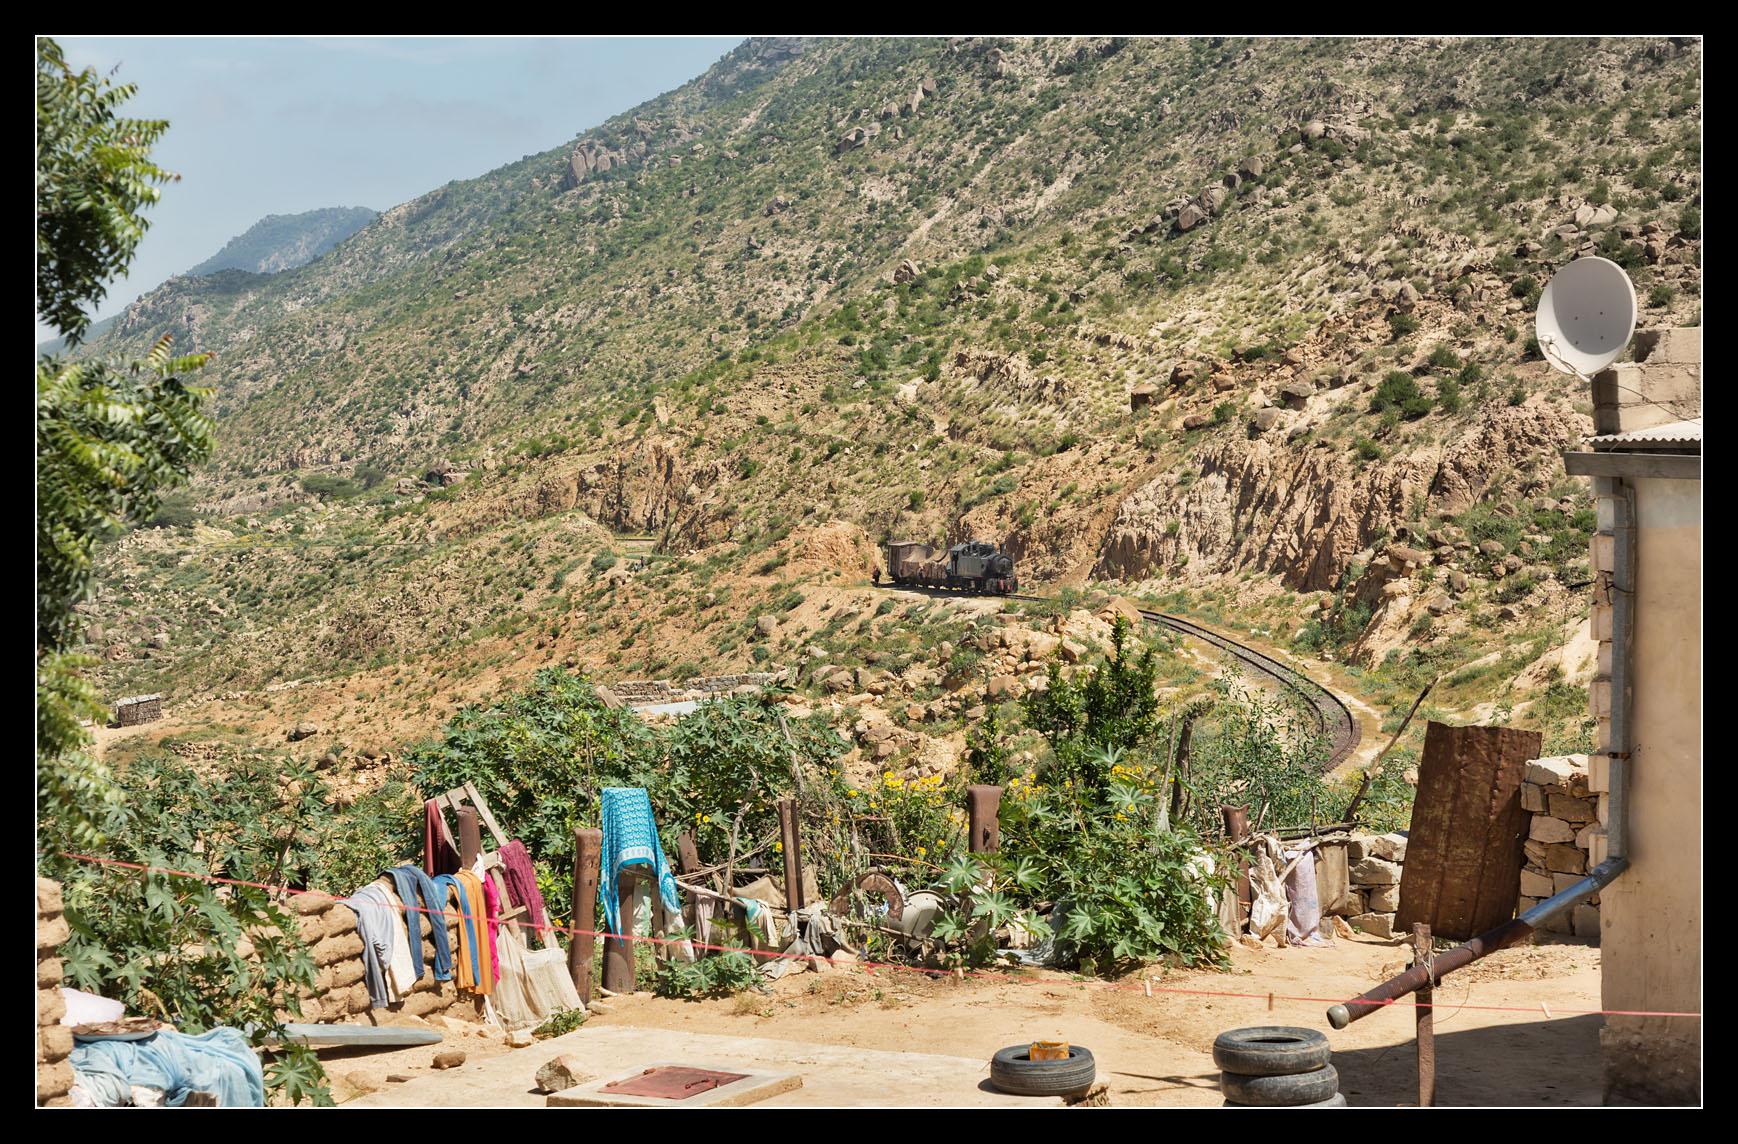 http://raildata.info/eritrea18/eri0727.jpg